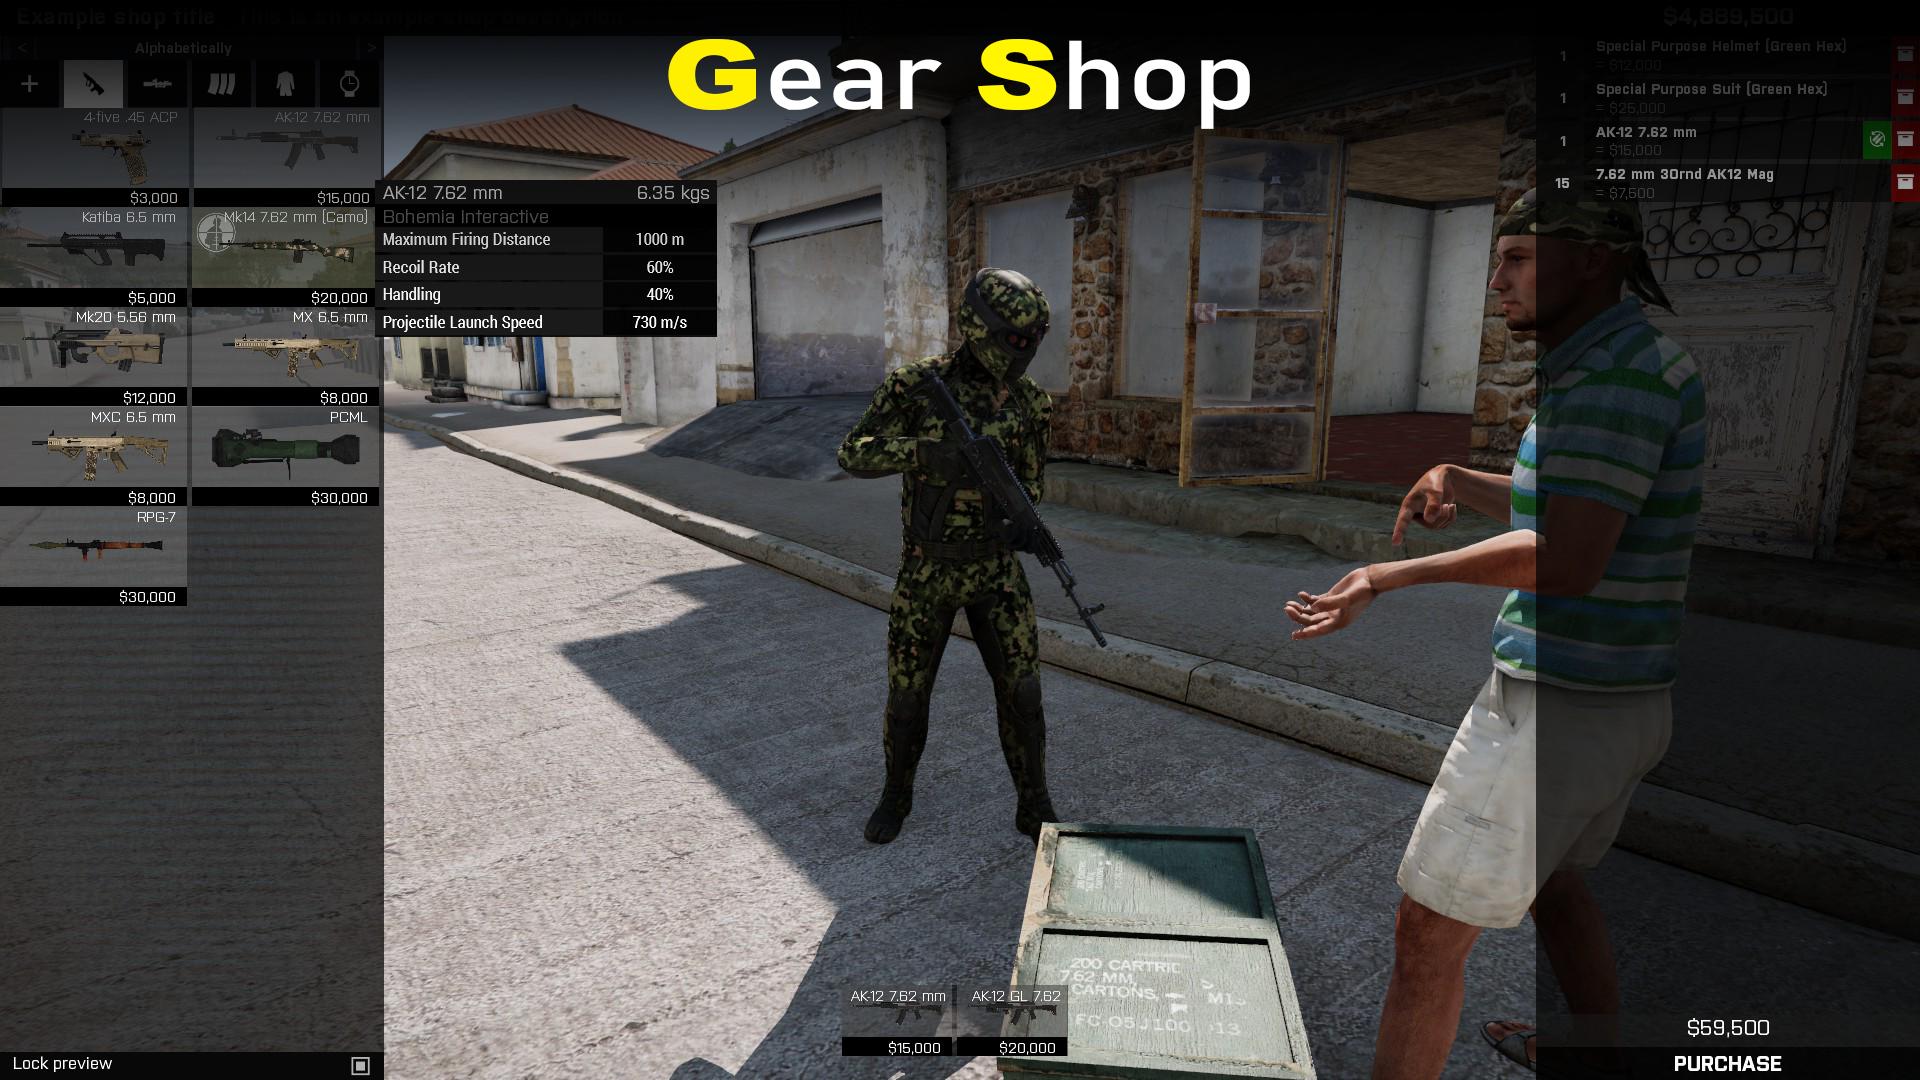 Gear Shops